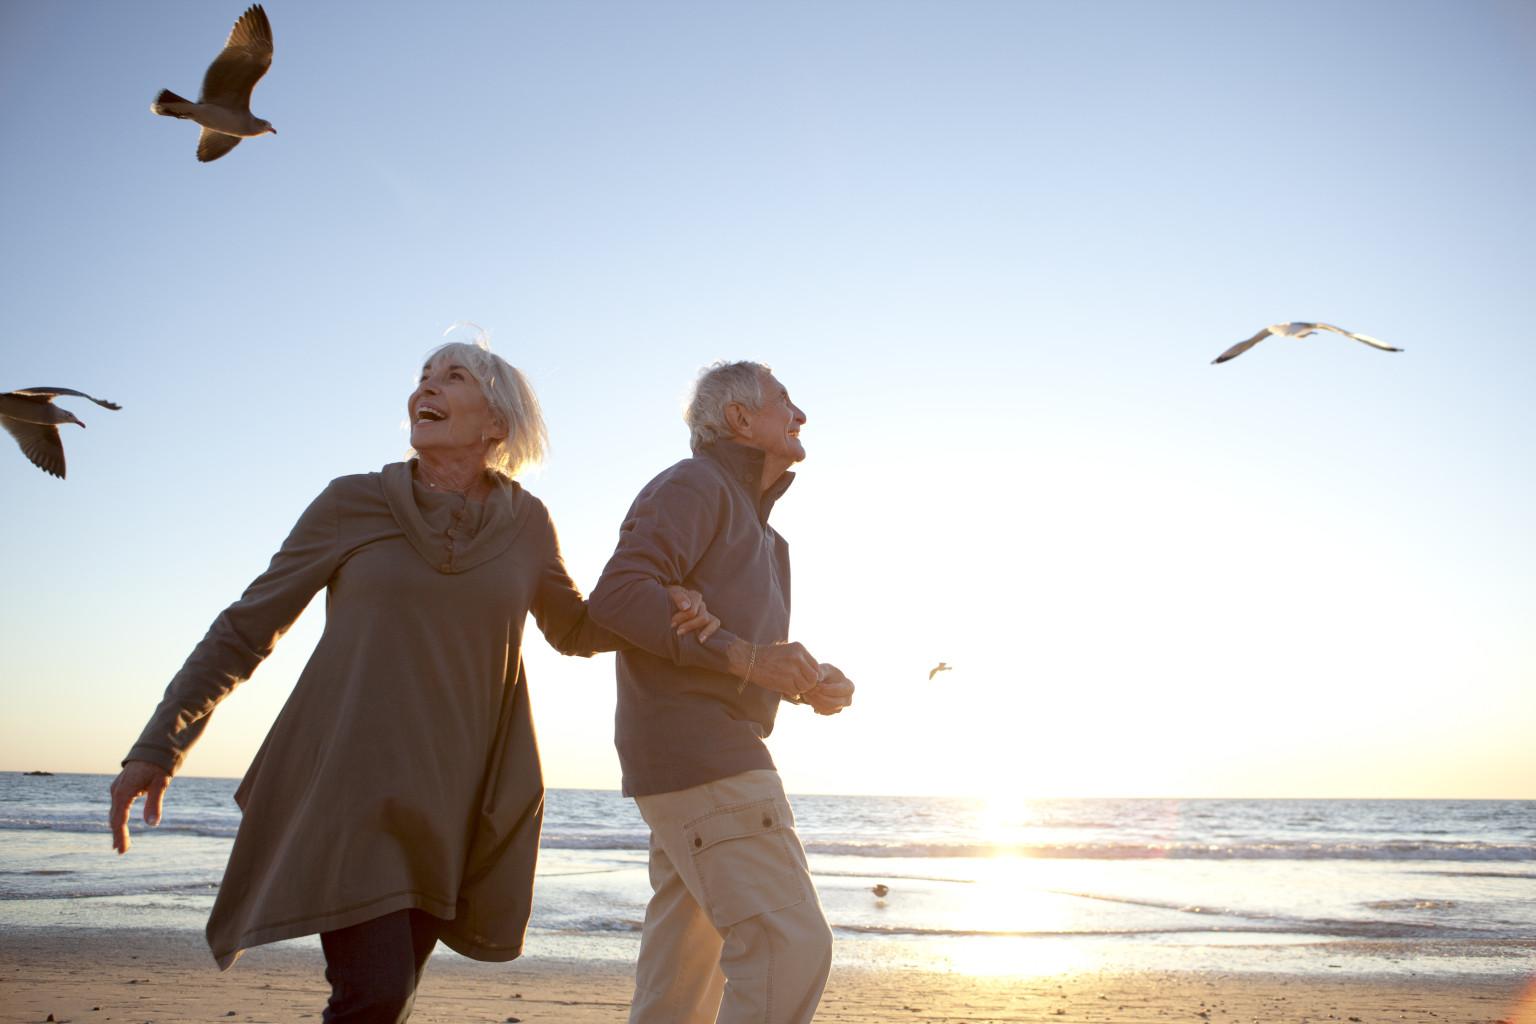 o-OLDER-COUPLE-ON-THE-BEACH-facebook.jpg